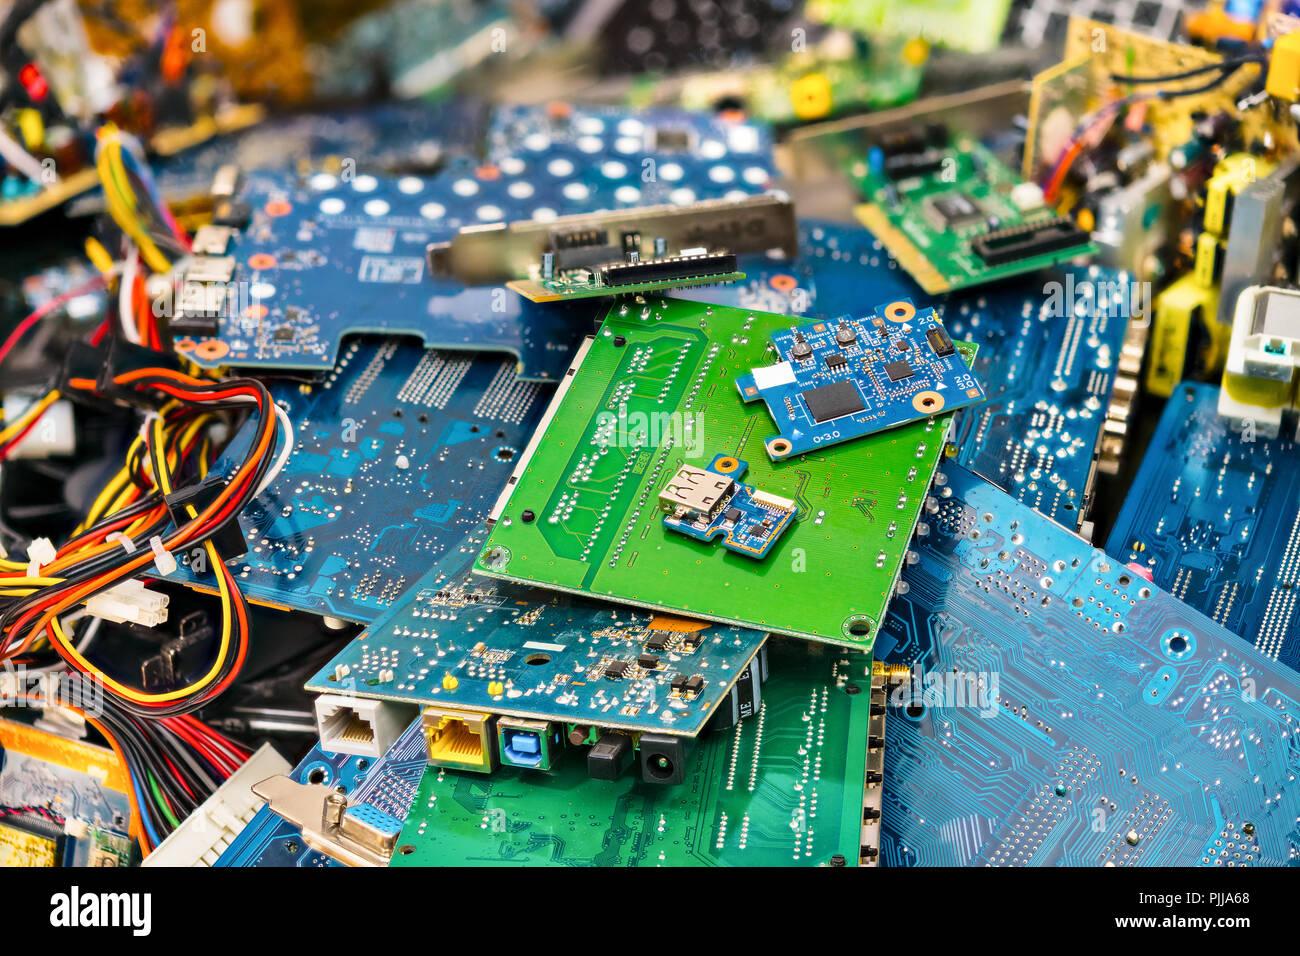 E-cumulo di rifiuti. Scartato parti di un computer portatile. I connettori per circuito stampato, le schede del notebook. Colorato sfondo sfocato. Componenti del PC. Per lo smaltimento dei rifiuti elettronici, industria. Immagini Stock